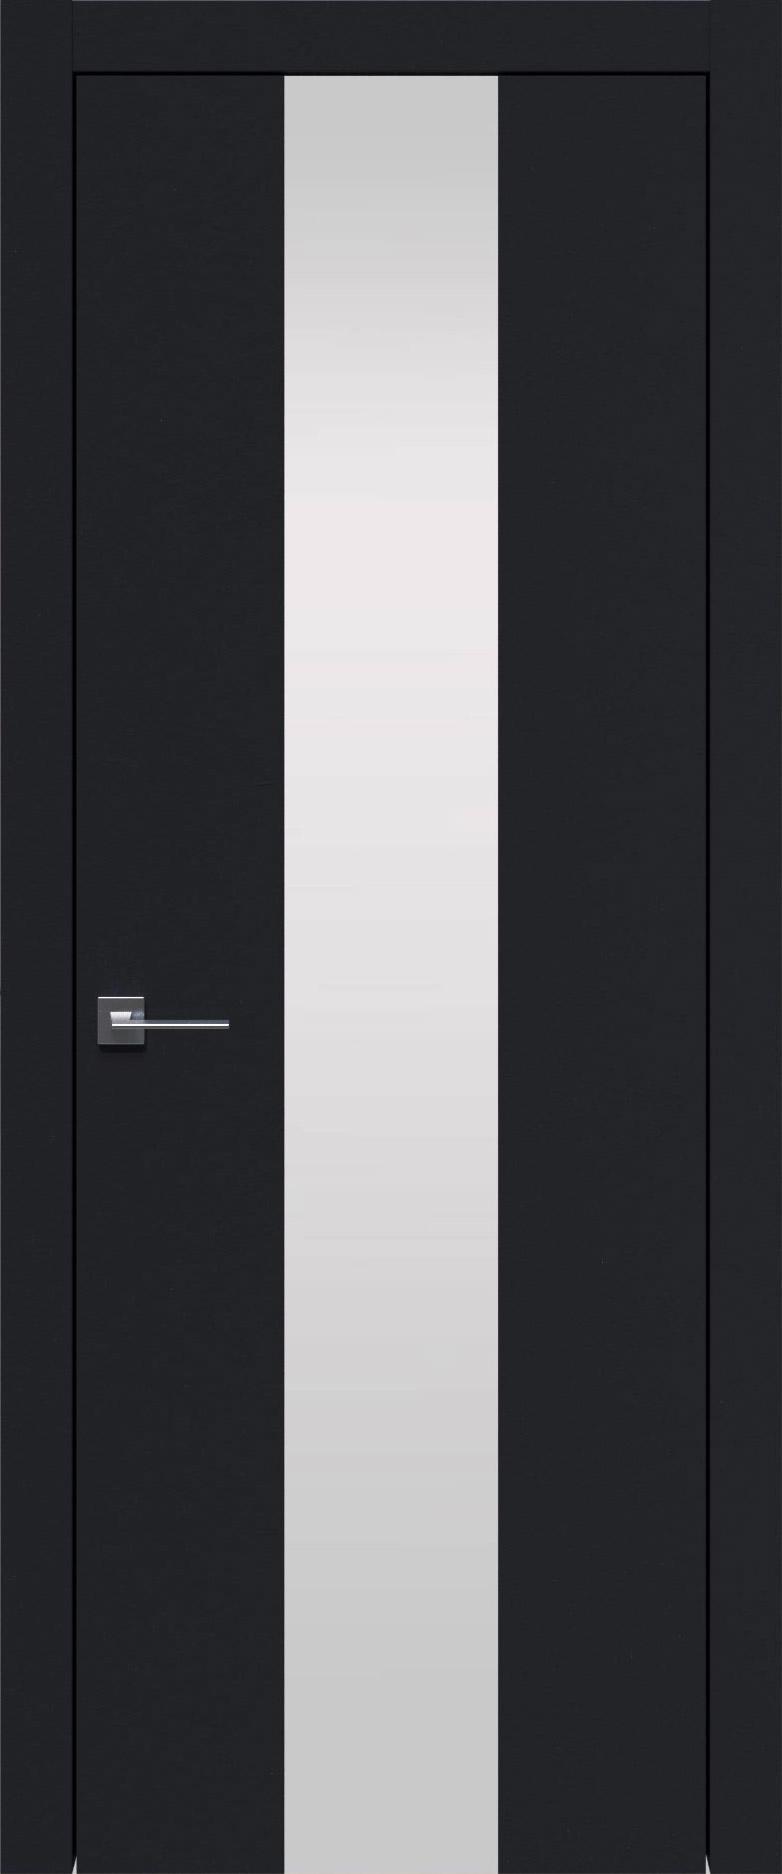 Tivoli Ж-1 цвет - Черная эмаль (RAL 9004) Со стеклом (ДО)